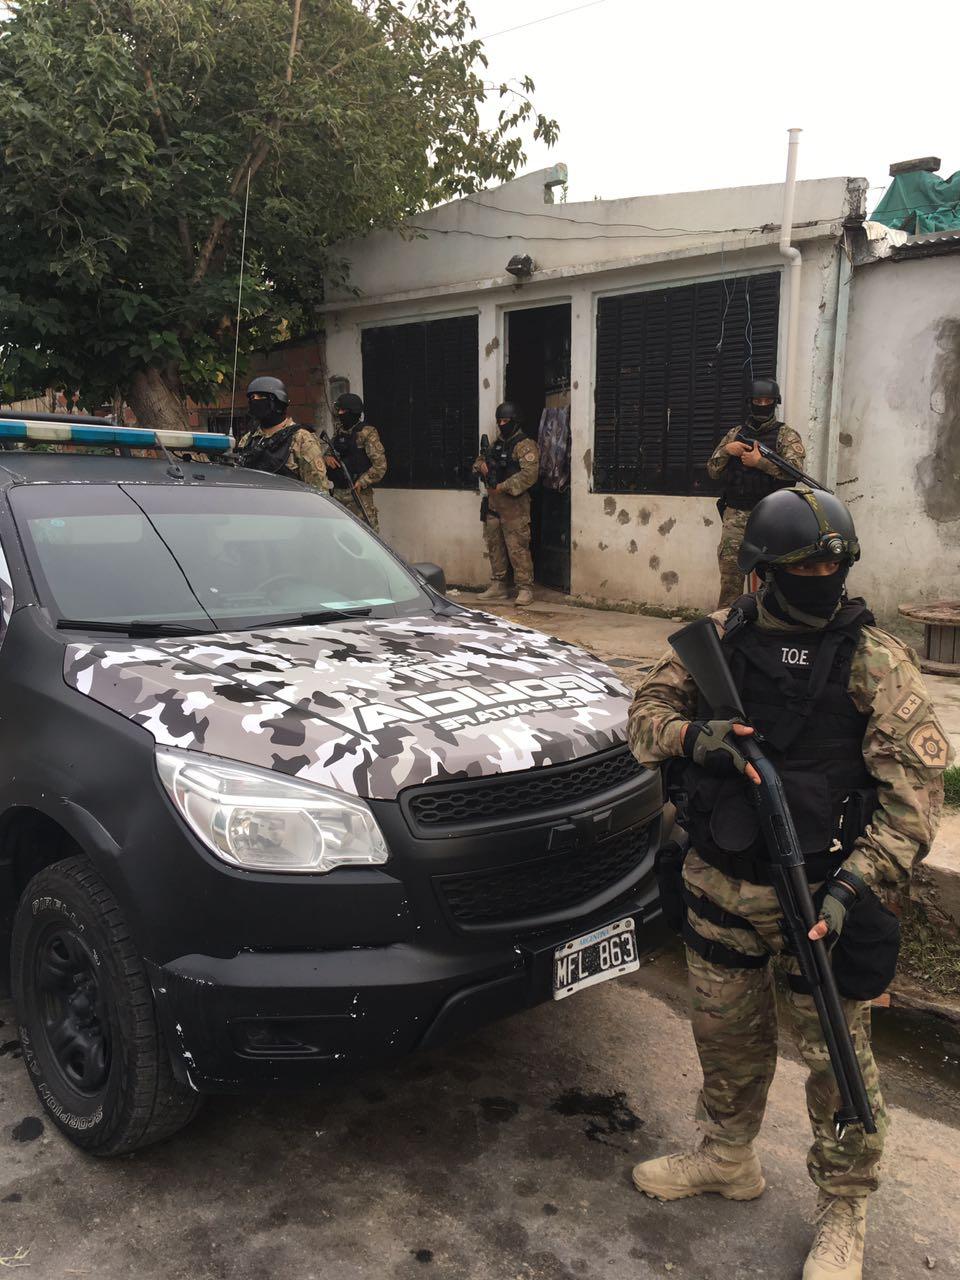 El operativo dejó como saldo 13 detenidos.